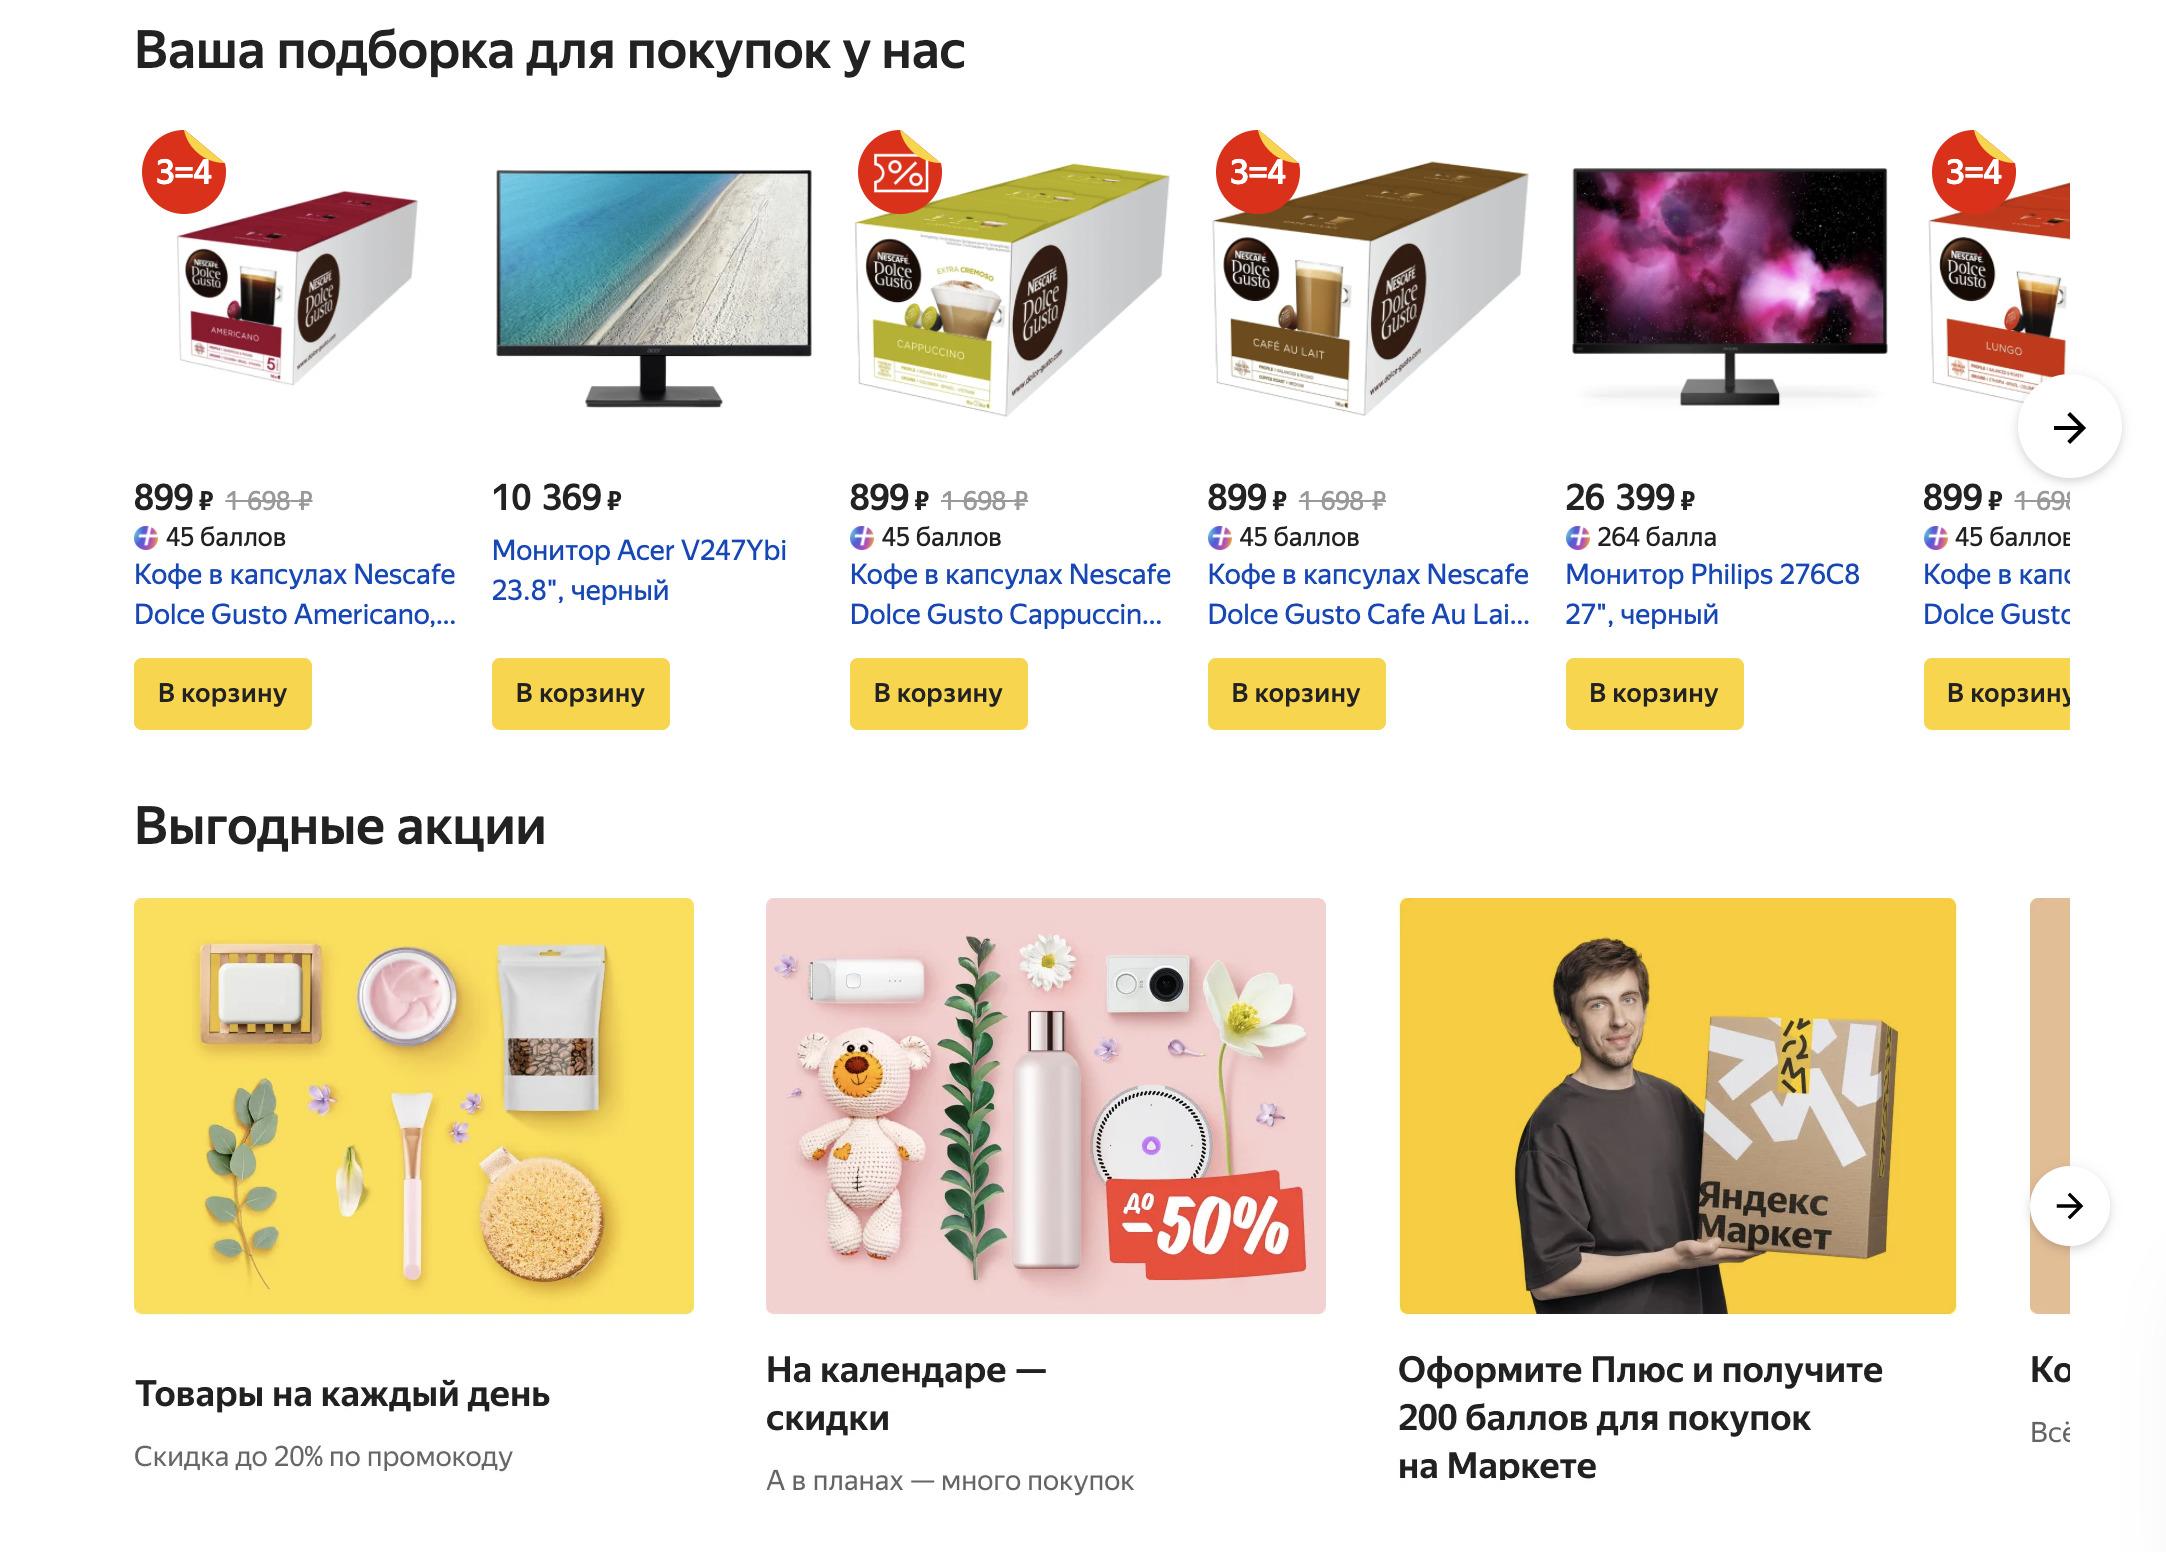 Доставка из Яндекс.Маркет в Новокуйбышевск, сроки, пункты выдачи, каталог